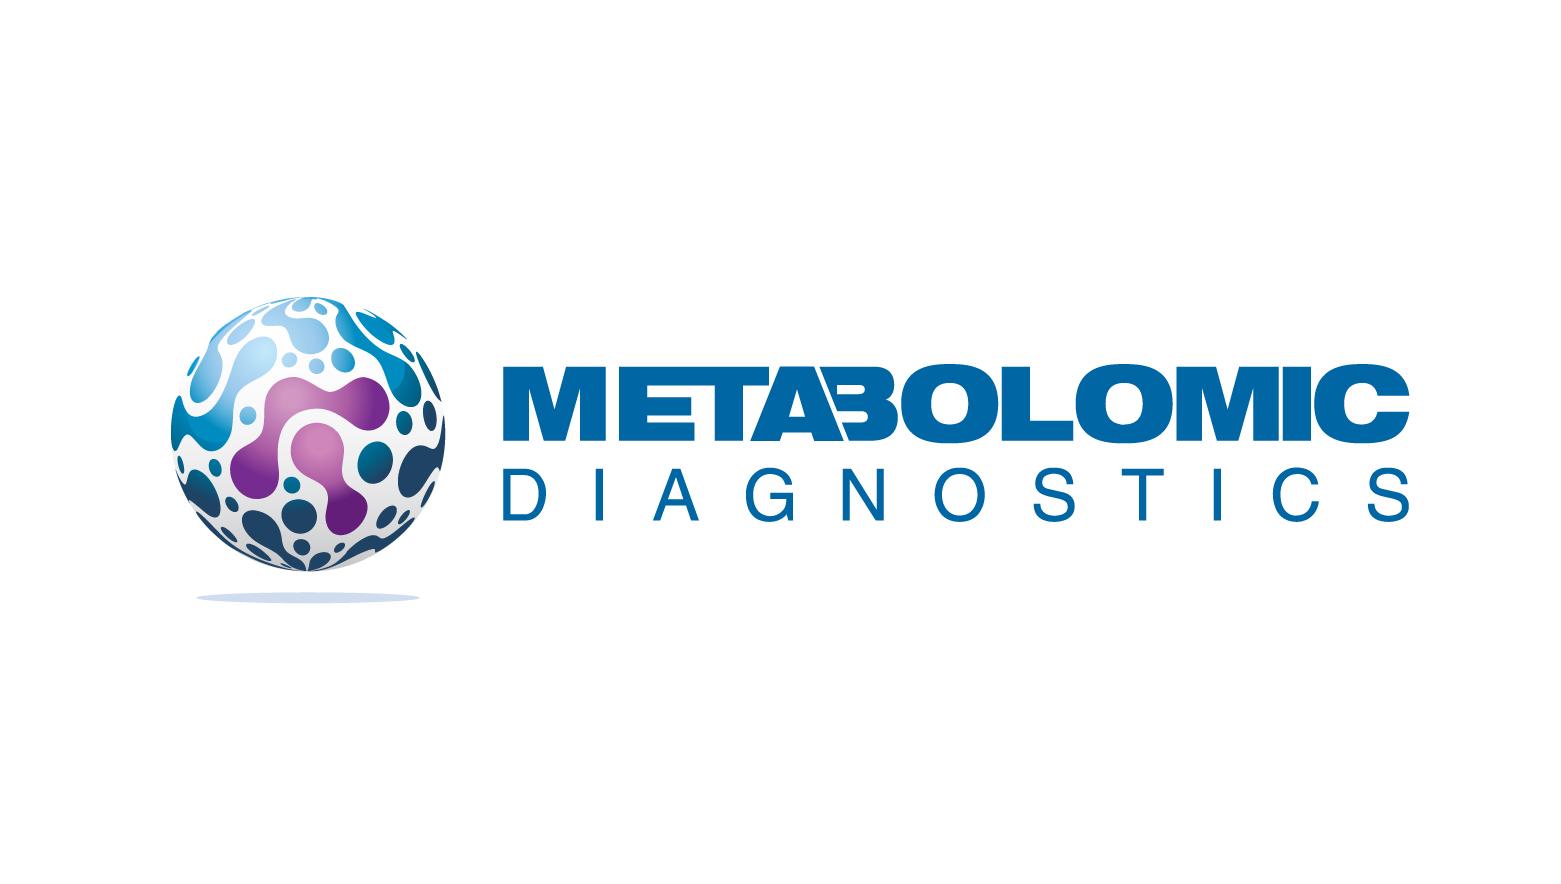 Metabolomic Diagnostics